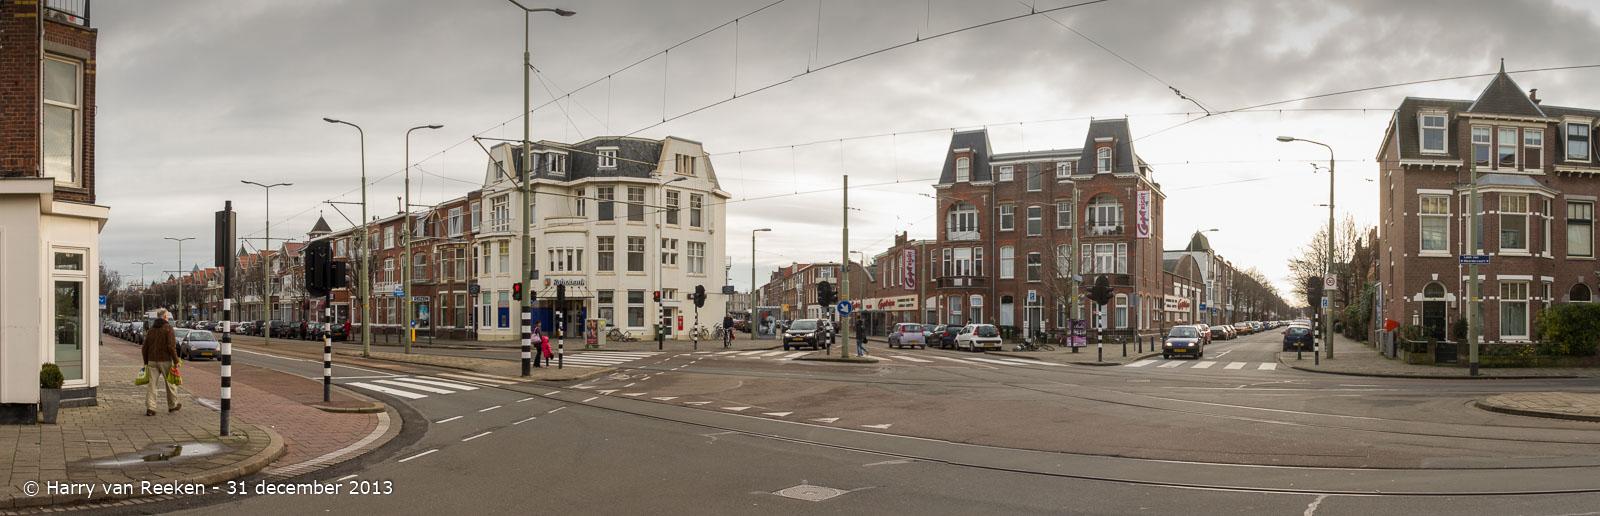 Edisonstraat - Fahrenheitstraat - L v Meerdervoort-1